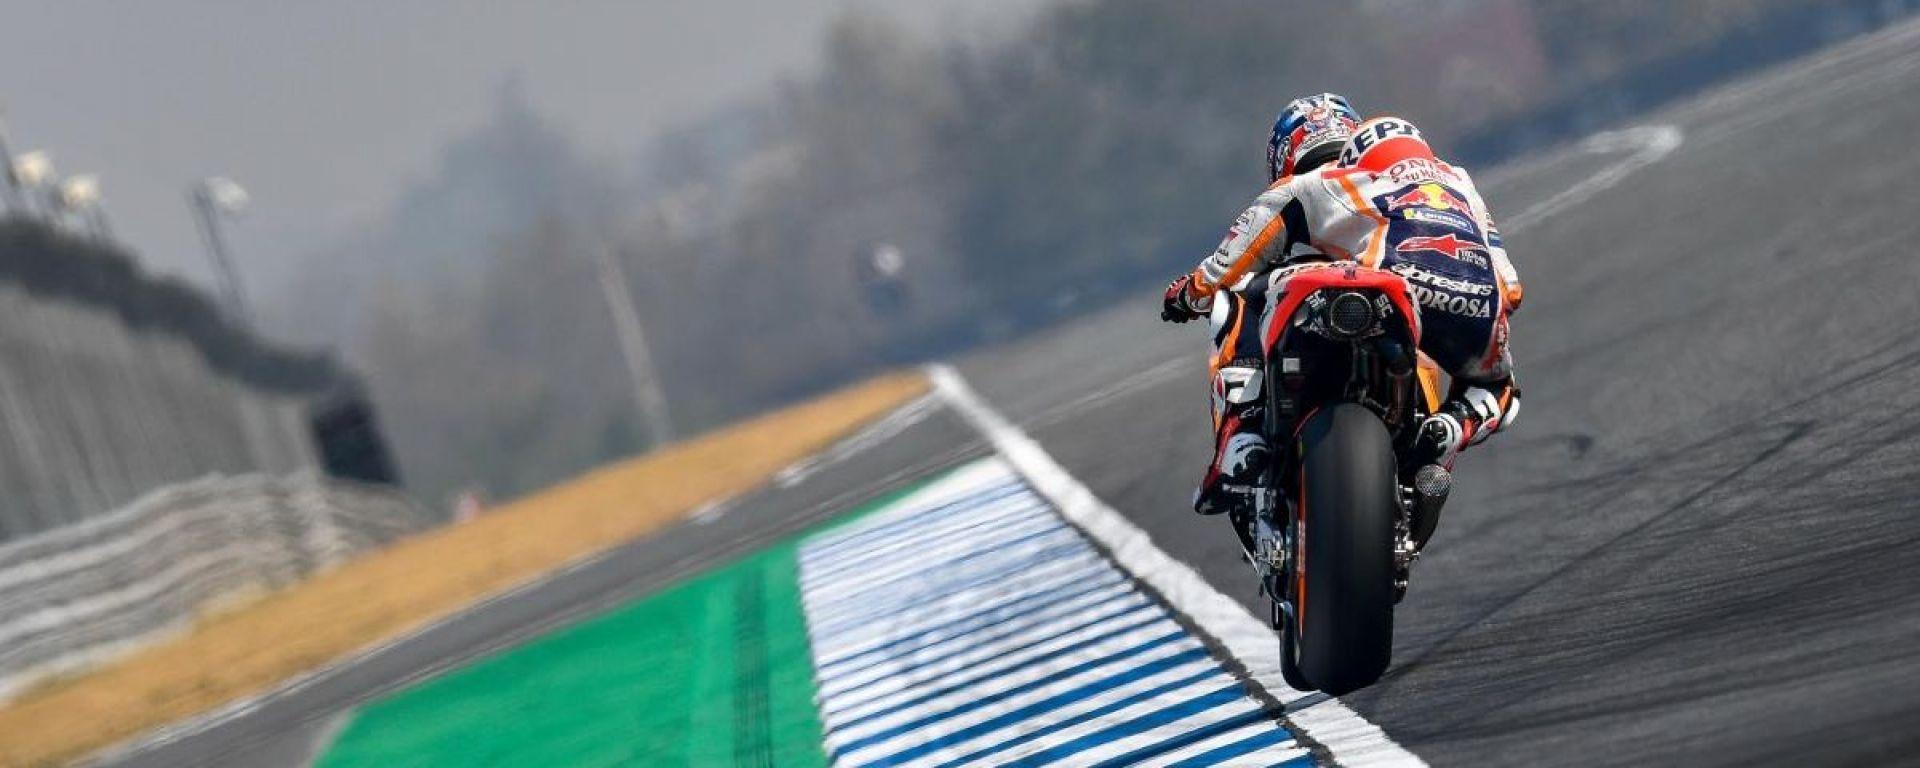 MotoGP Buriram Thailandia 2018: gli orari TV